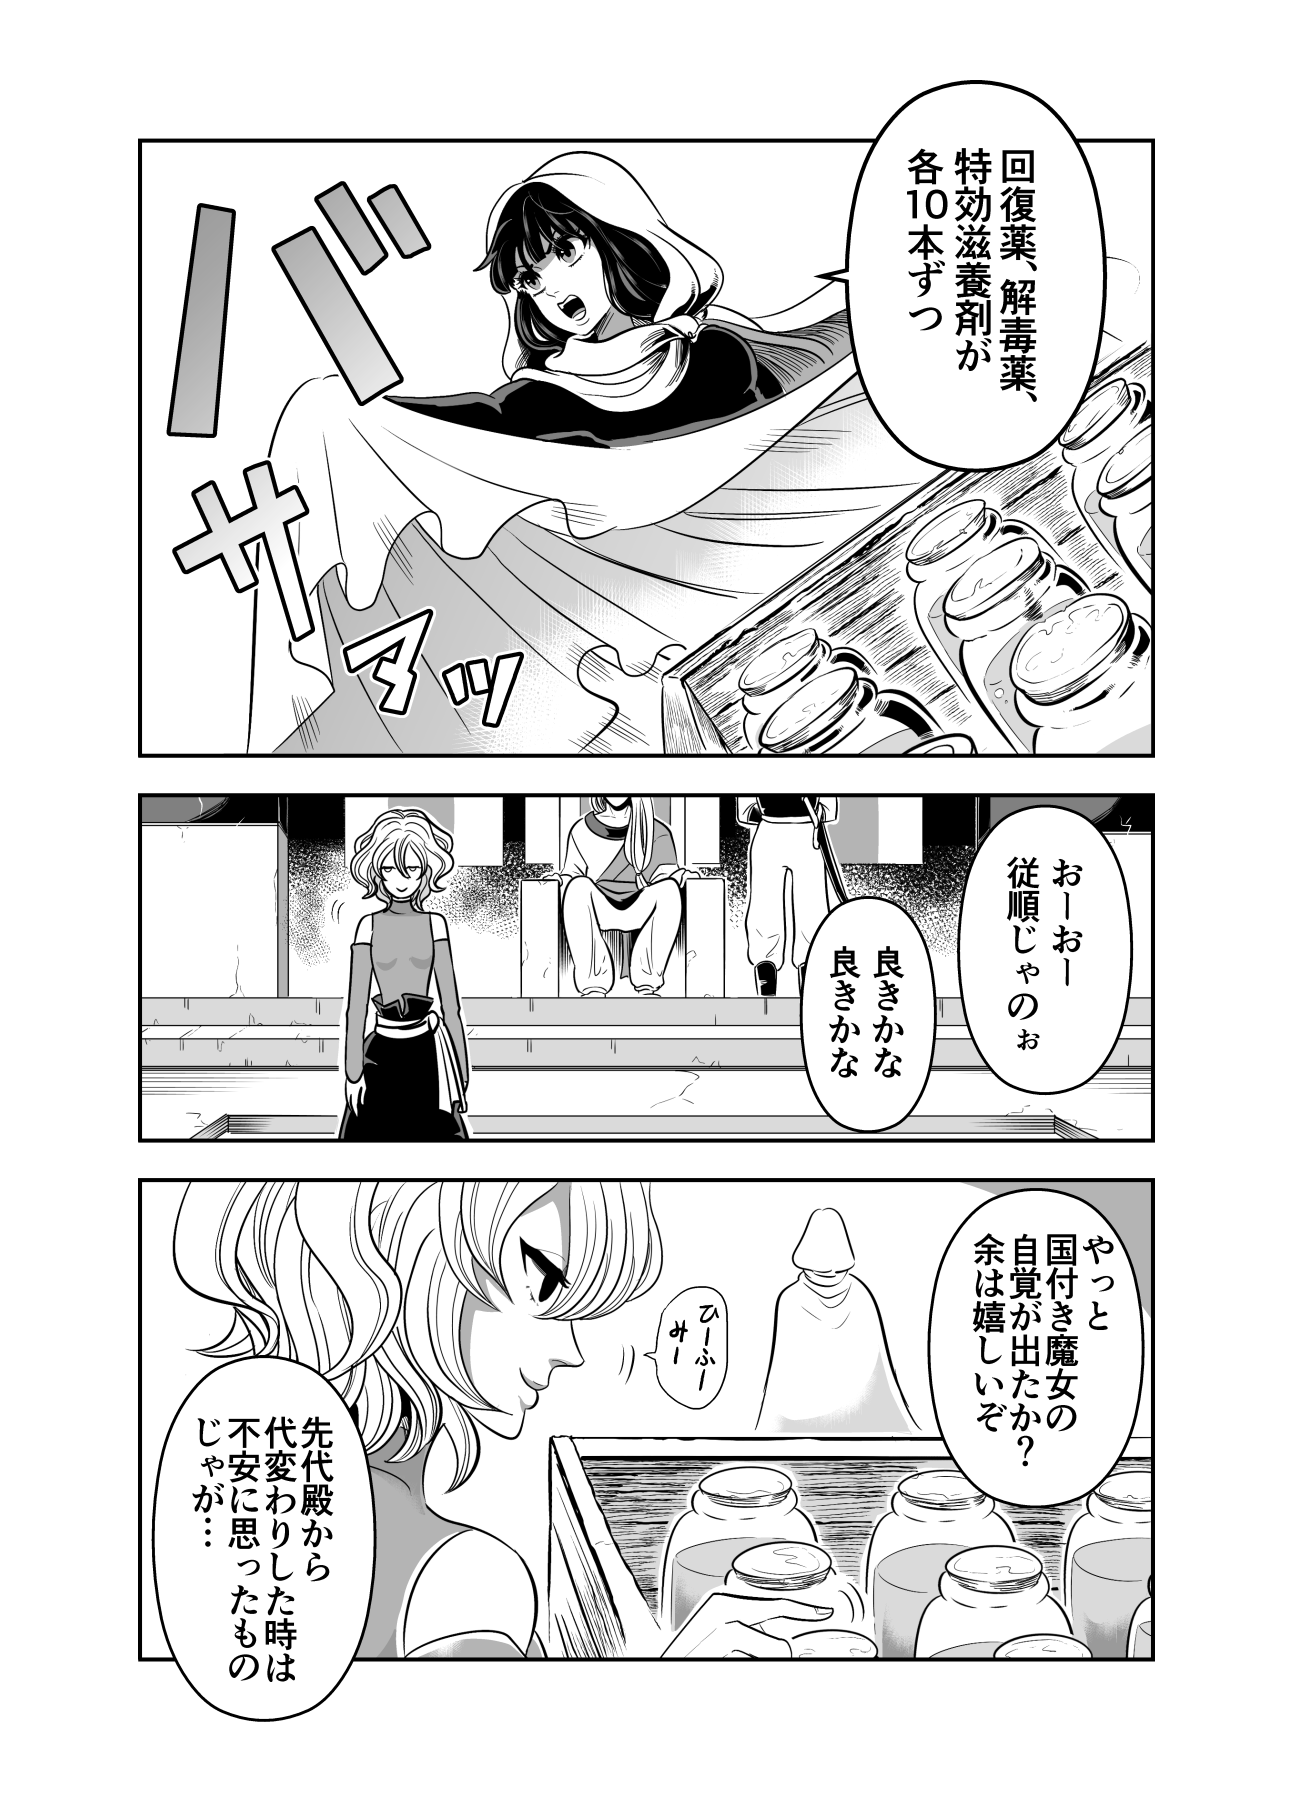 ヤサグレ魔女と第1王子と吸血鬼①0007